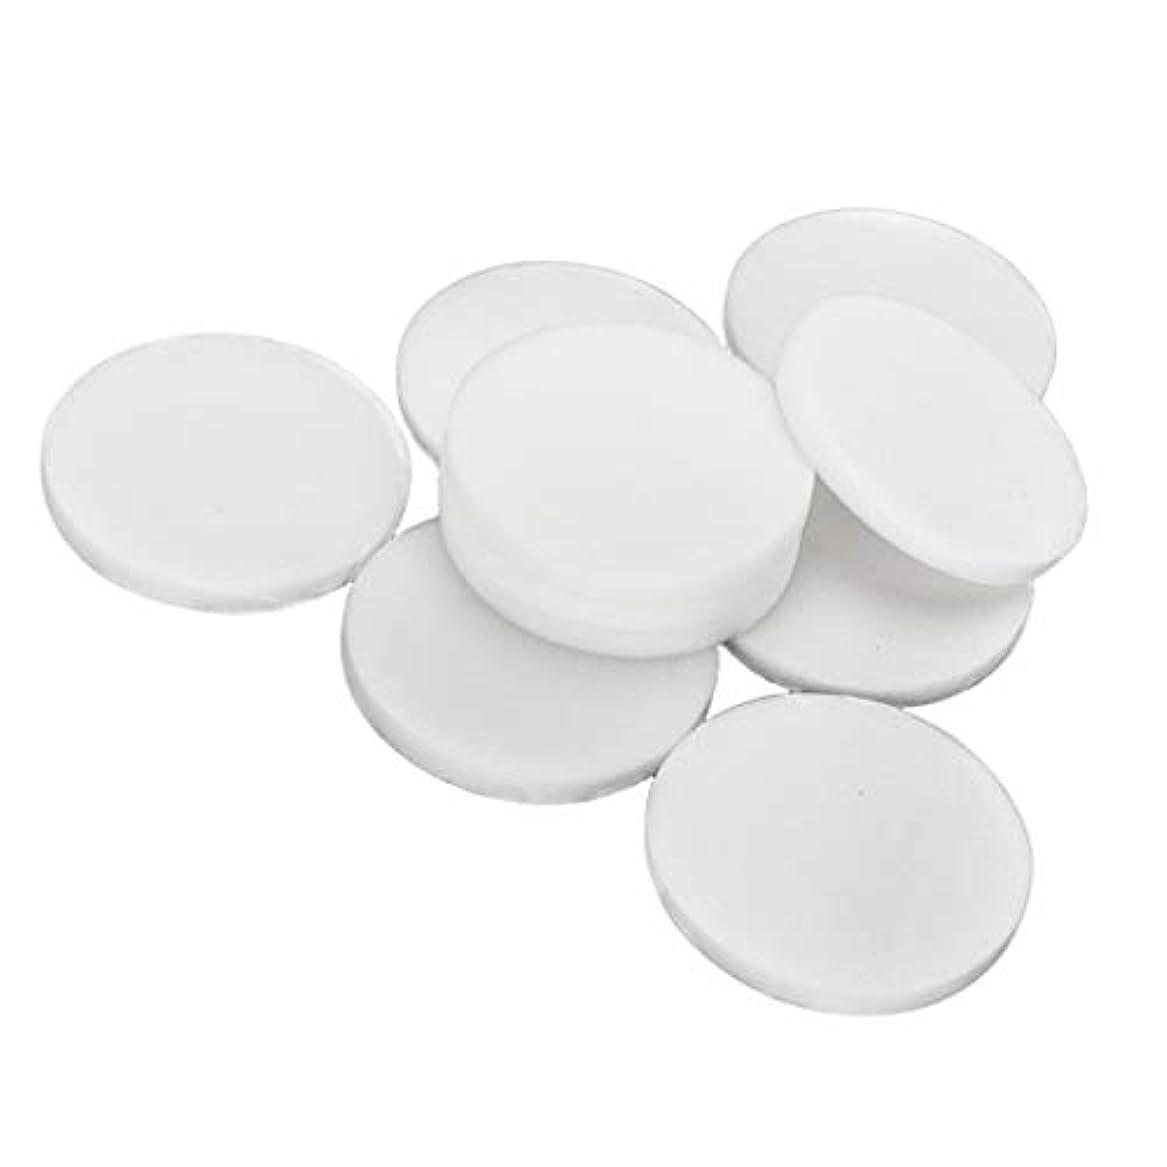 乳剤第慣習Perfeclan 約10個 洗顔スポンジ 洗顔パフ メイクアップパフ フェイシャルスポンジ 全2サイズ - 大